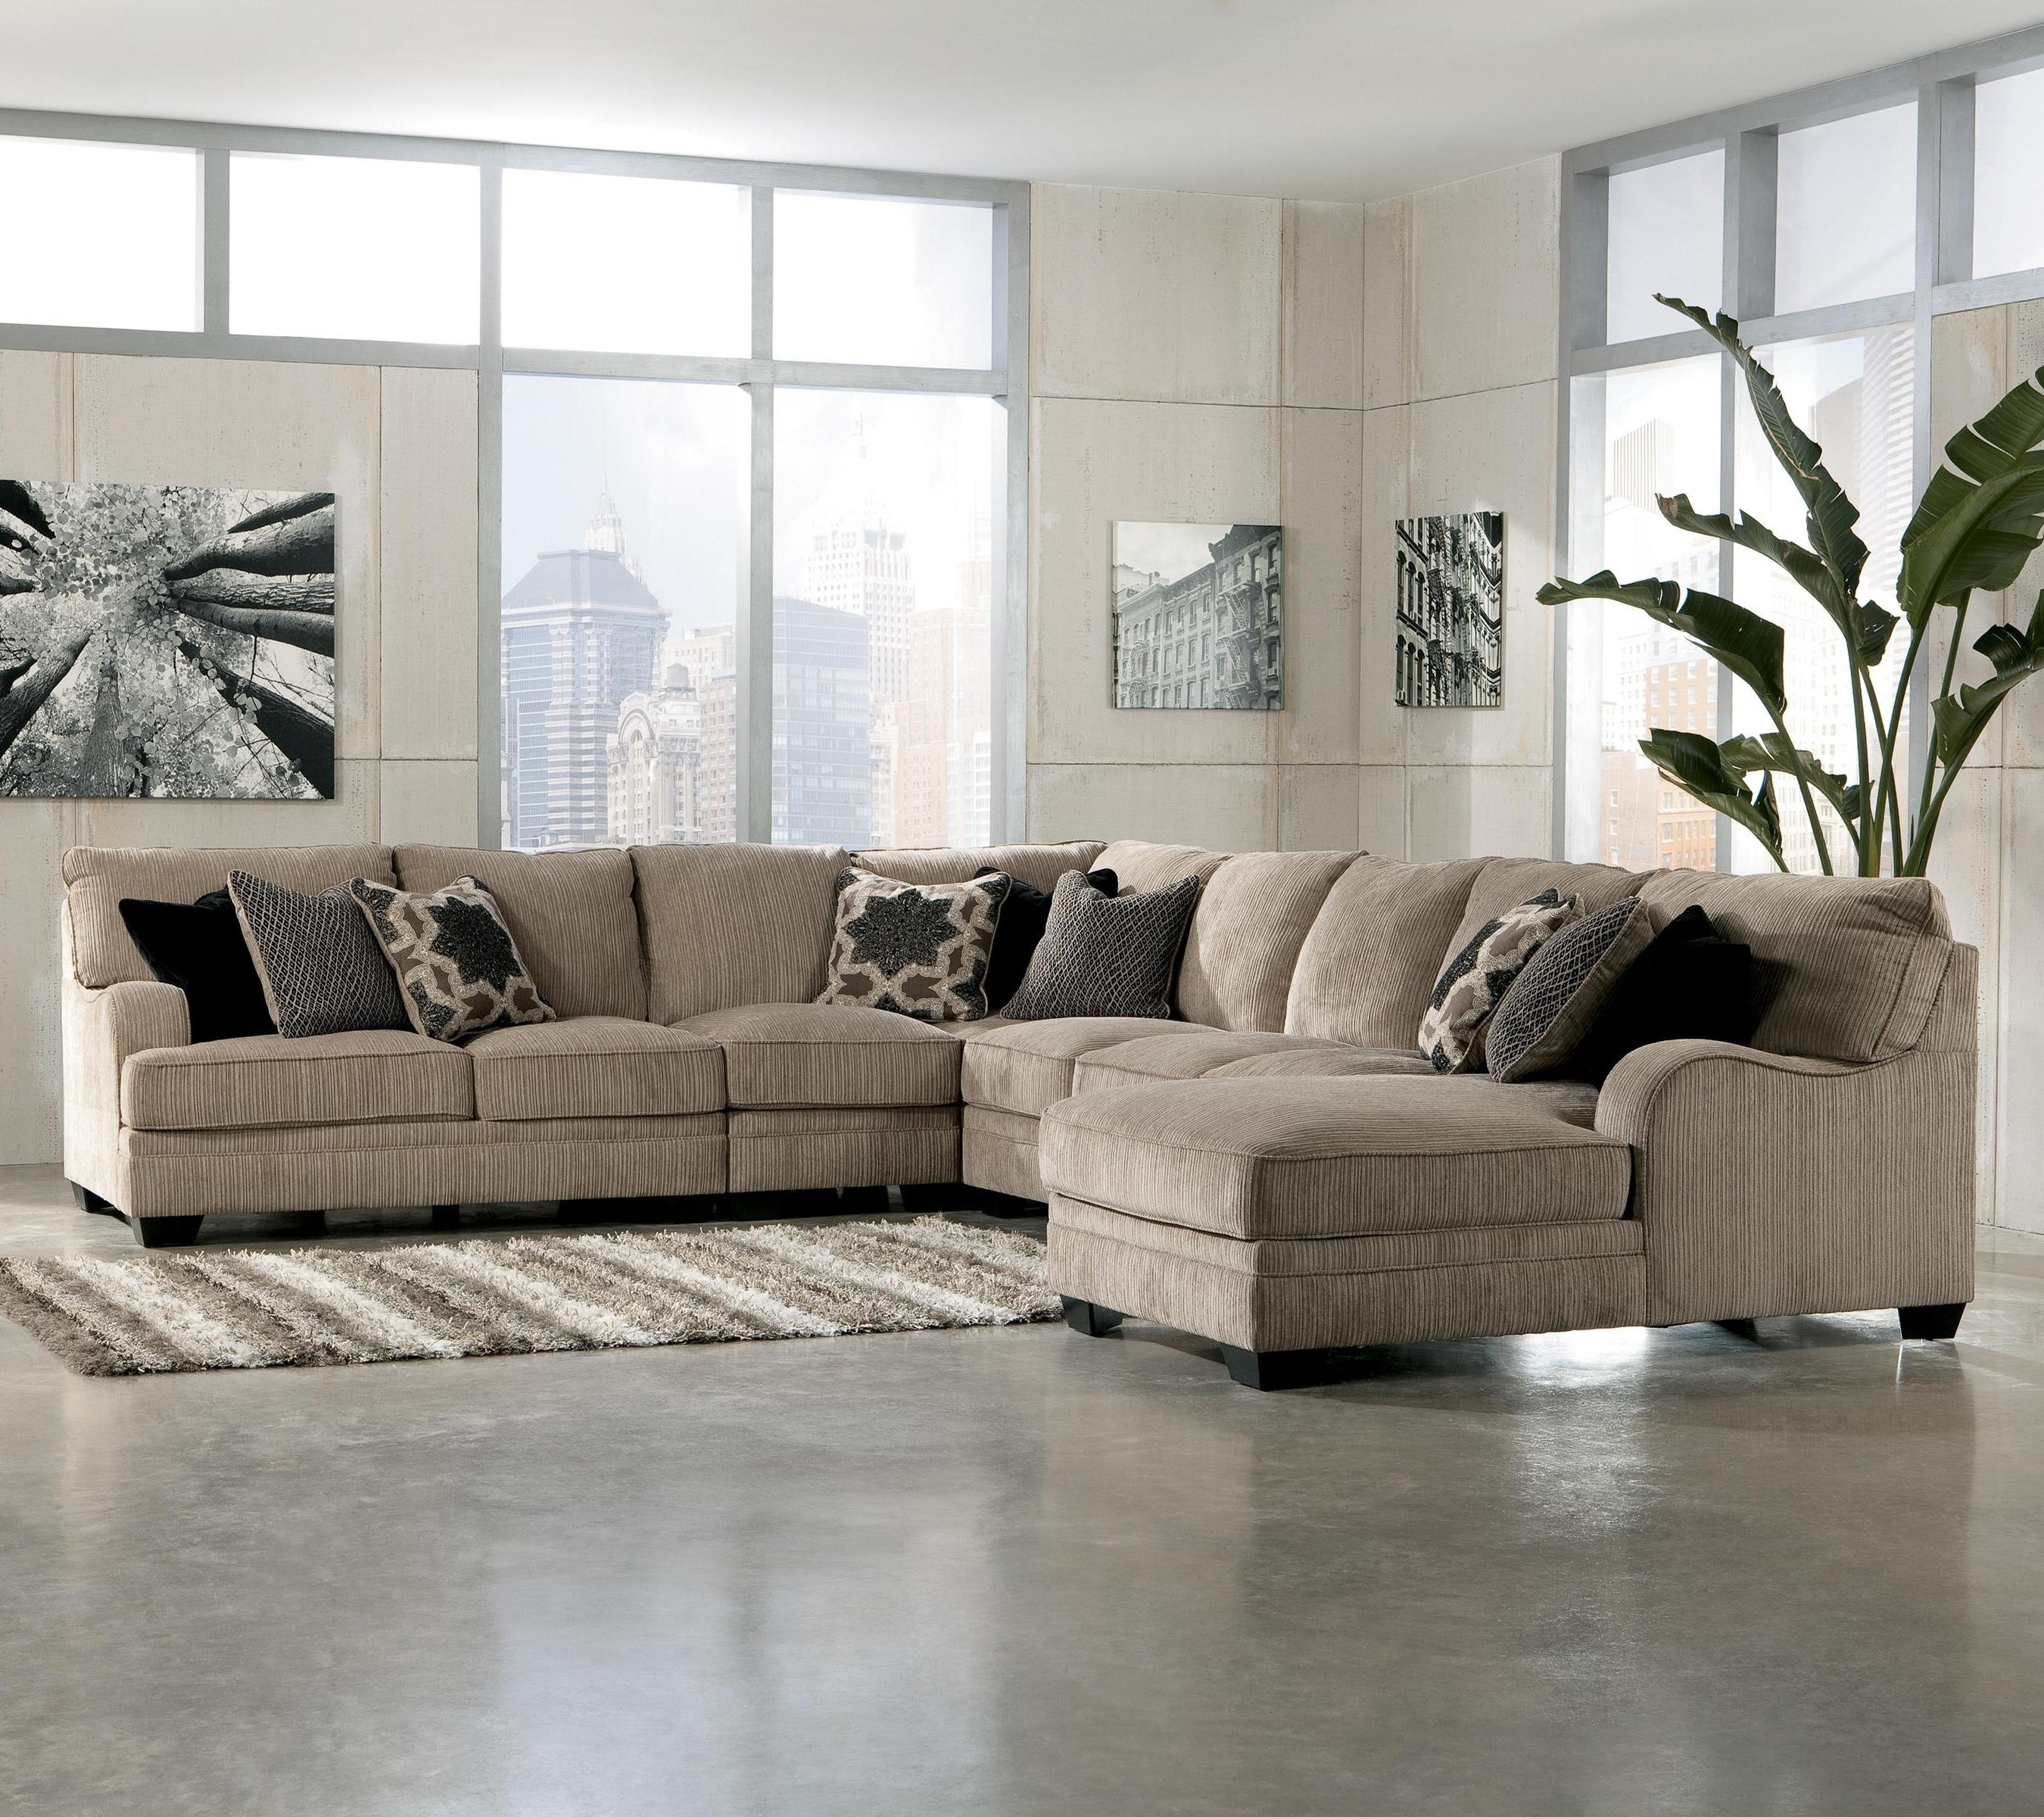 Furniture: Luxury Ashley Furniture Savannah Ga Ashley Furniture With Regard To Favorite Sectional Sofas In Savannah Ga (View 6 of 15)